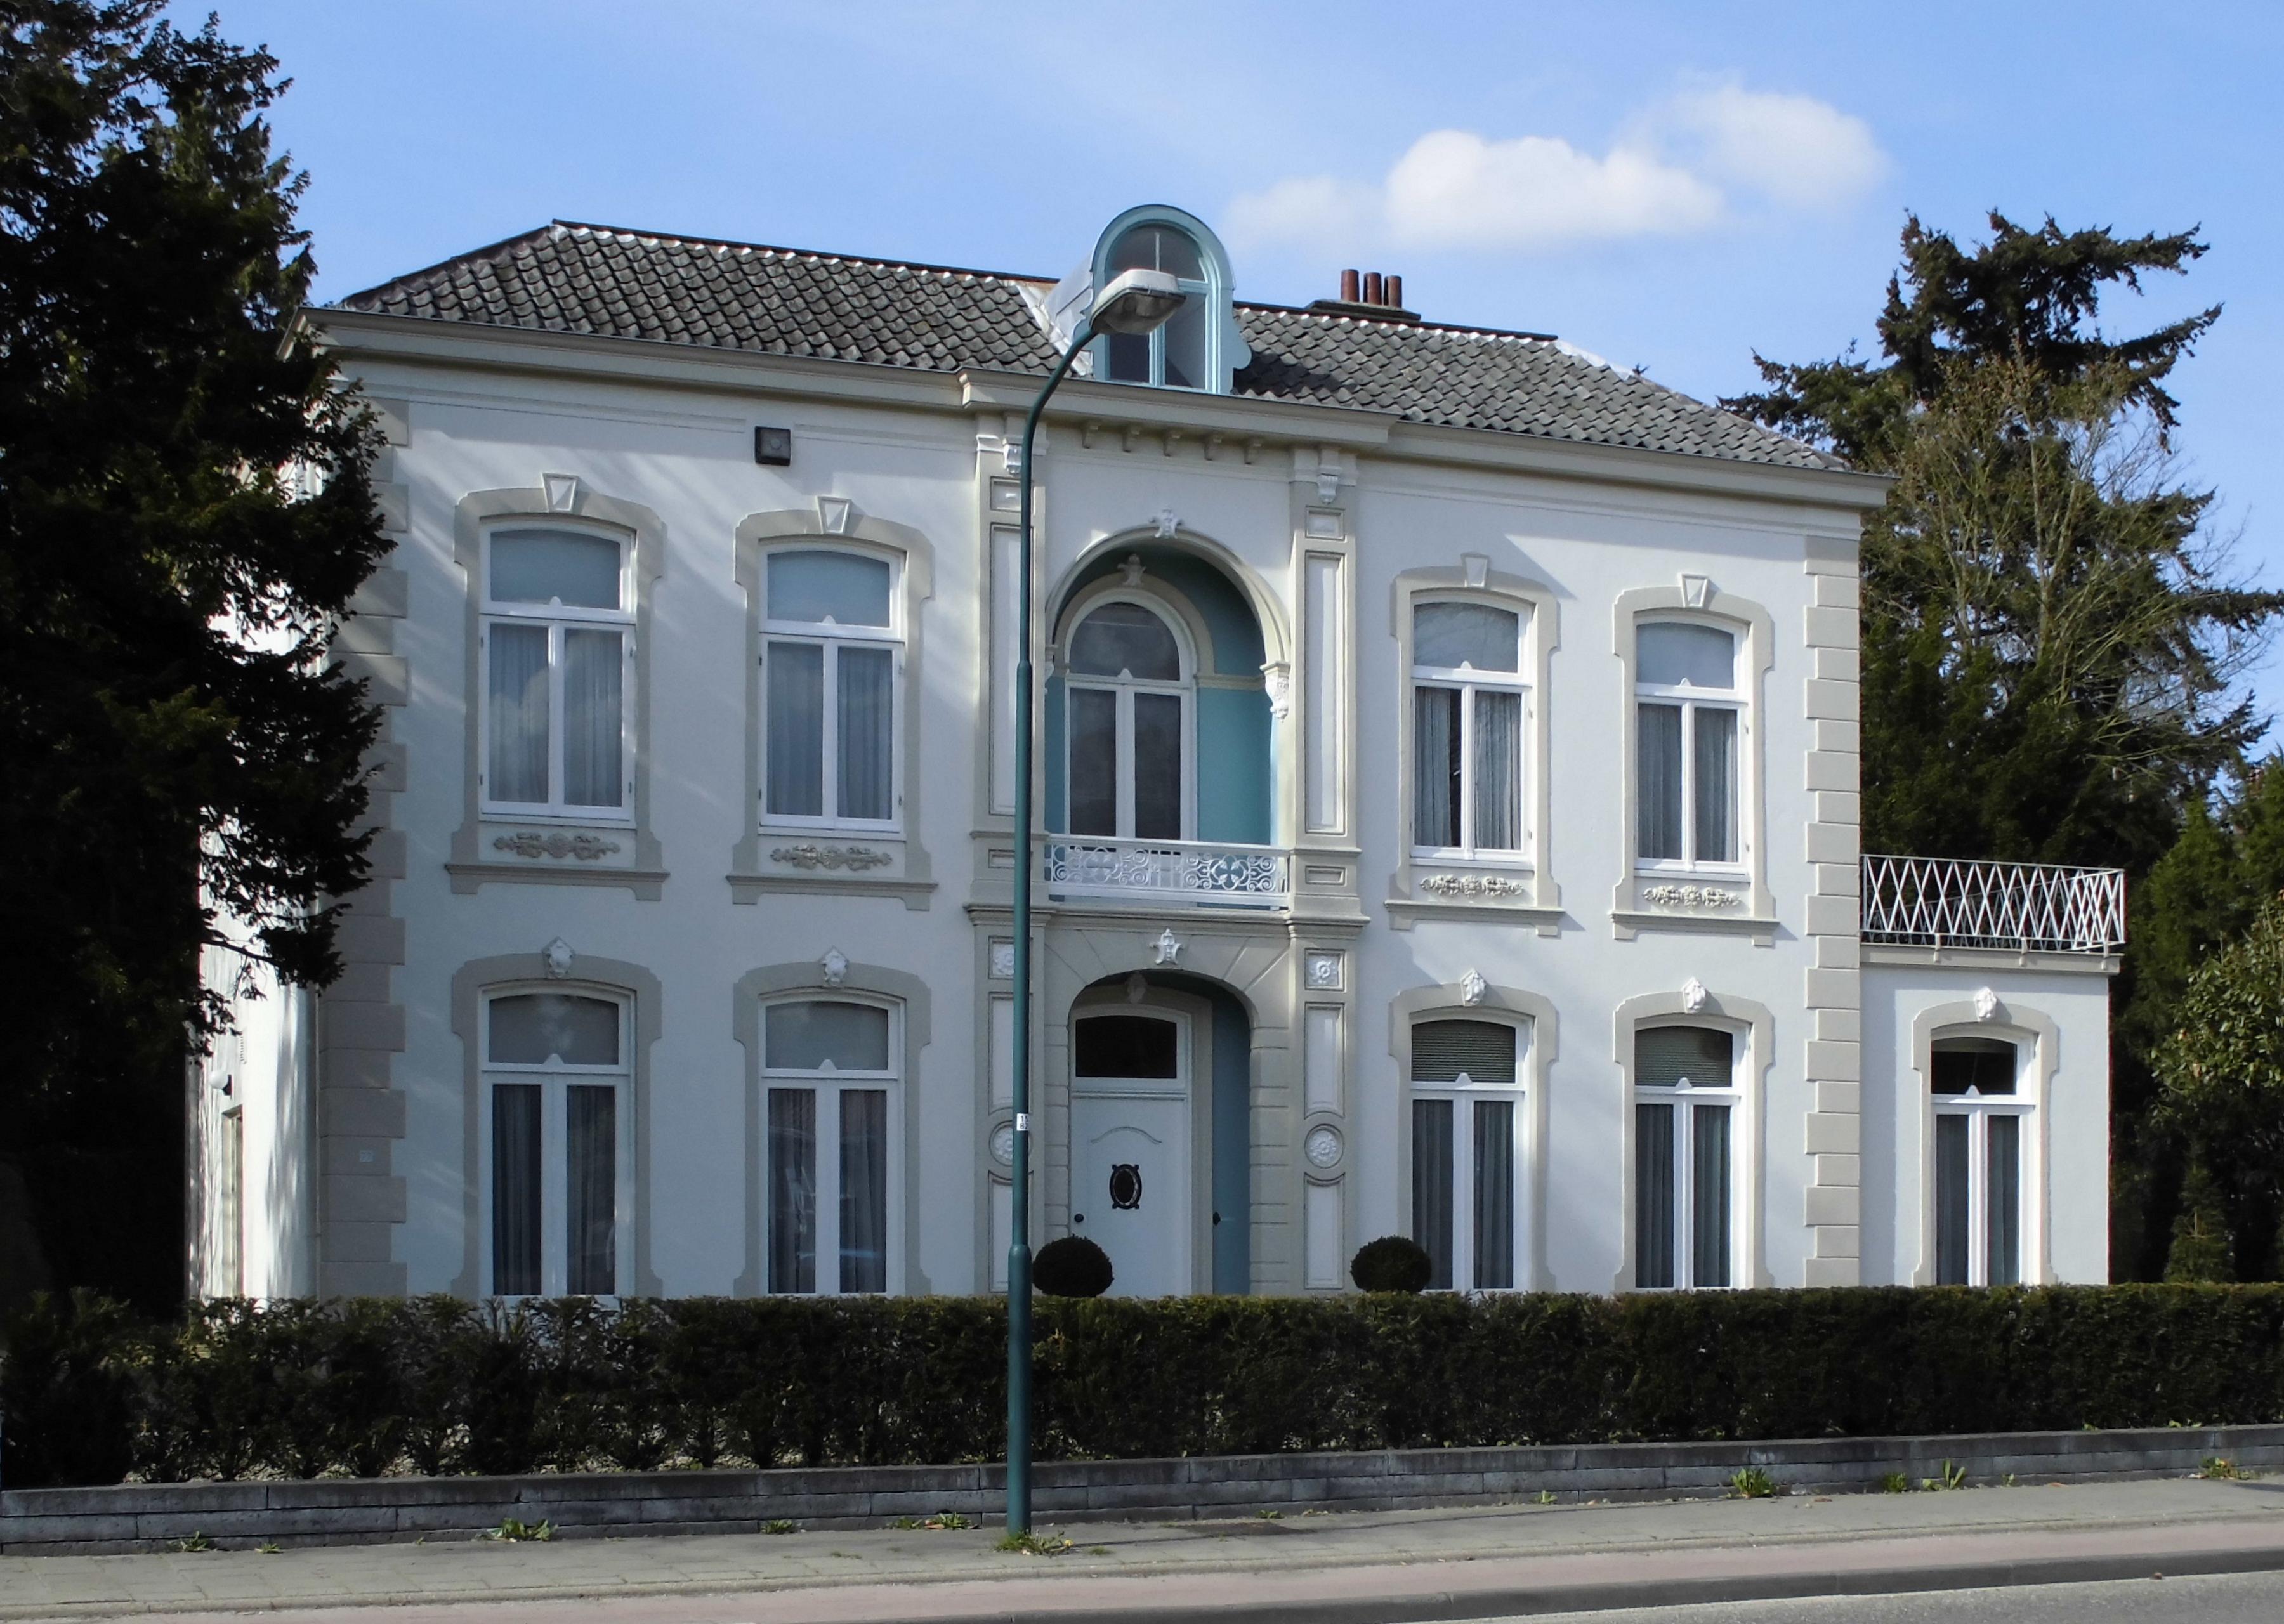 Grote gepleisterde villa waarvan de door lisenen for Grote villa